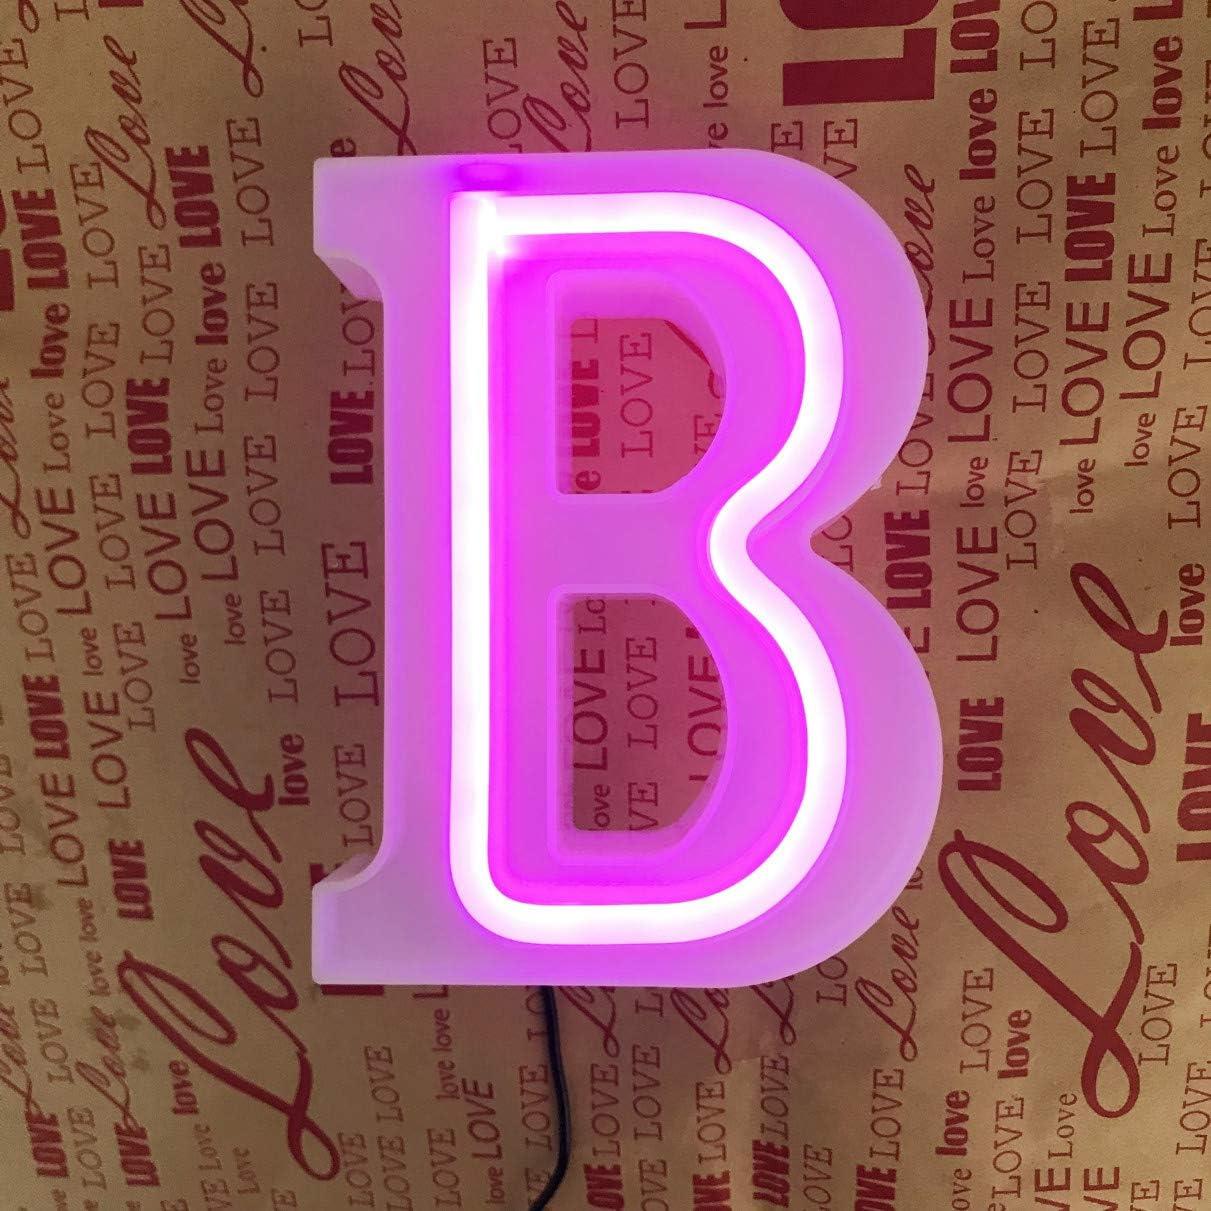 Buchstaben Geburtstag I rosa Buchstaben QiaoFei Beleuchtetes Festzelt rosa Wanddekoration Neonschilder Party Bar Tischdekoration f/ür Zuhause Valentinstag Worte Weihnachten